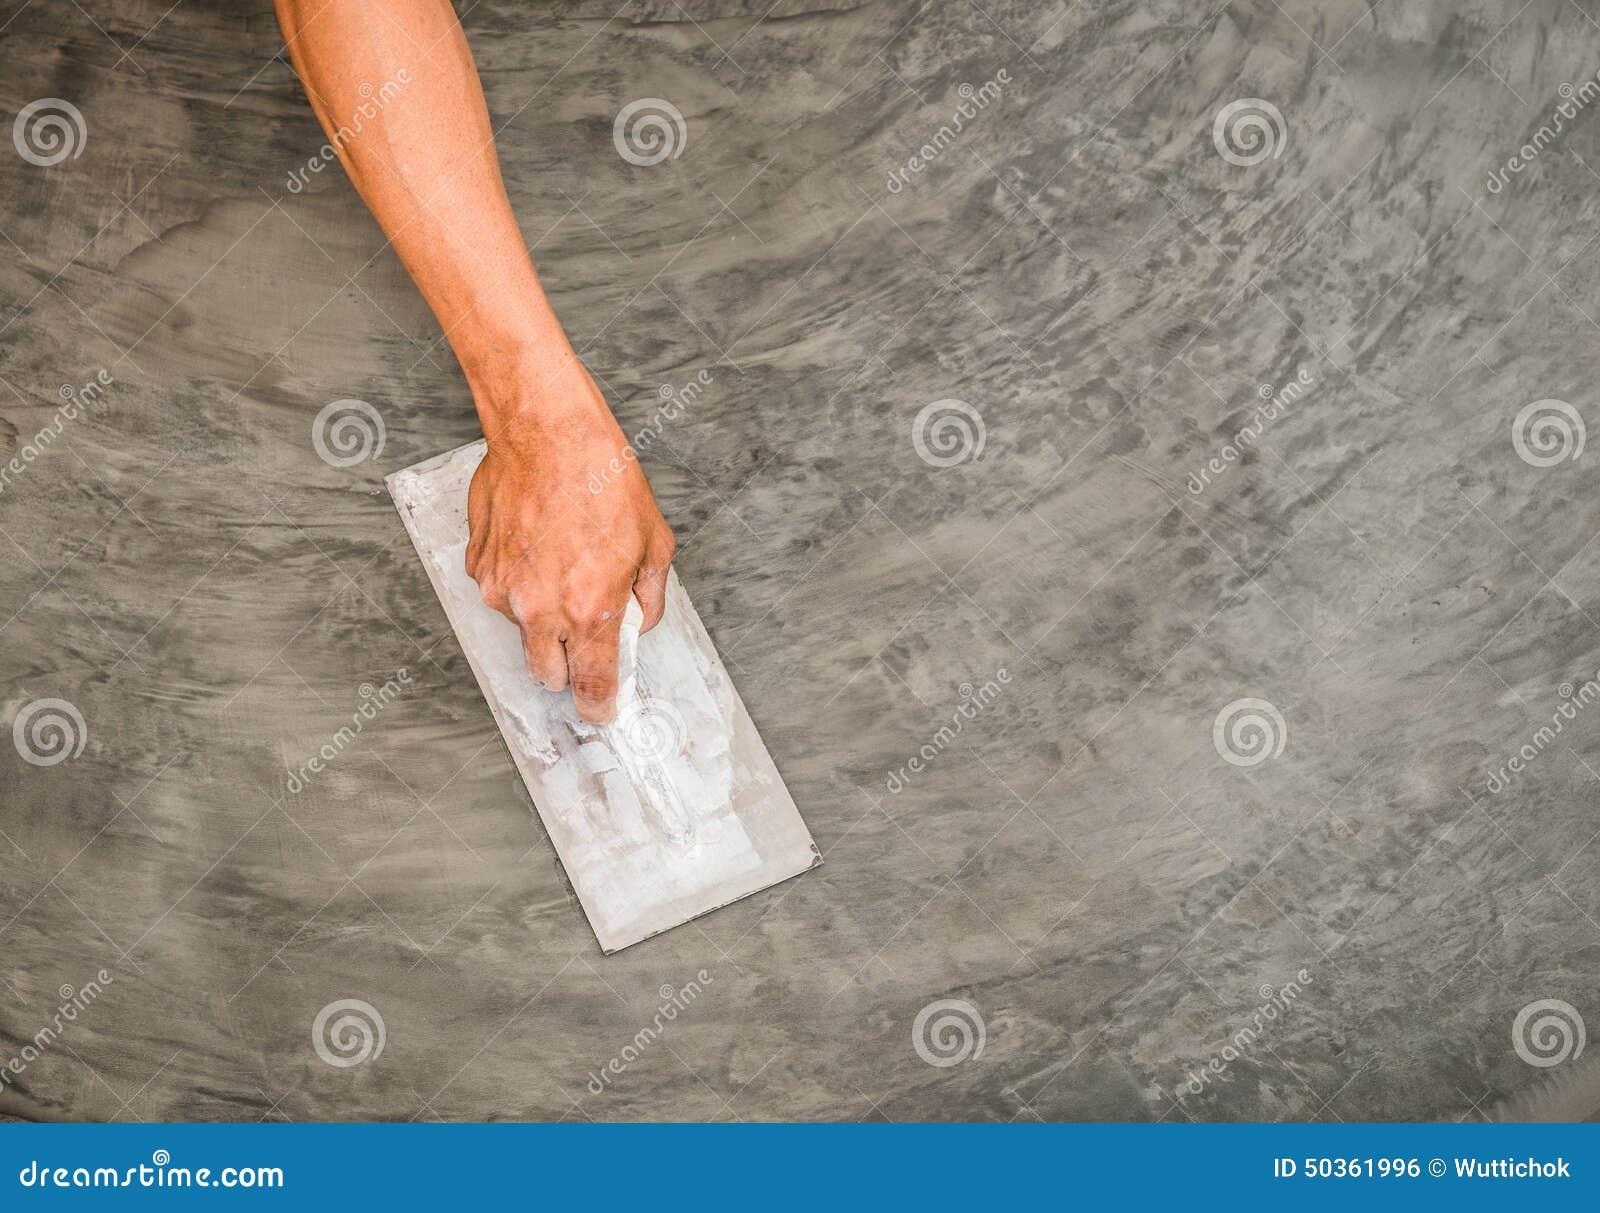 Рука используя стальную лопатку для того чтобы закончить отполированную влажную конкретную поверхность